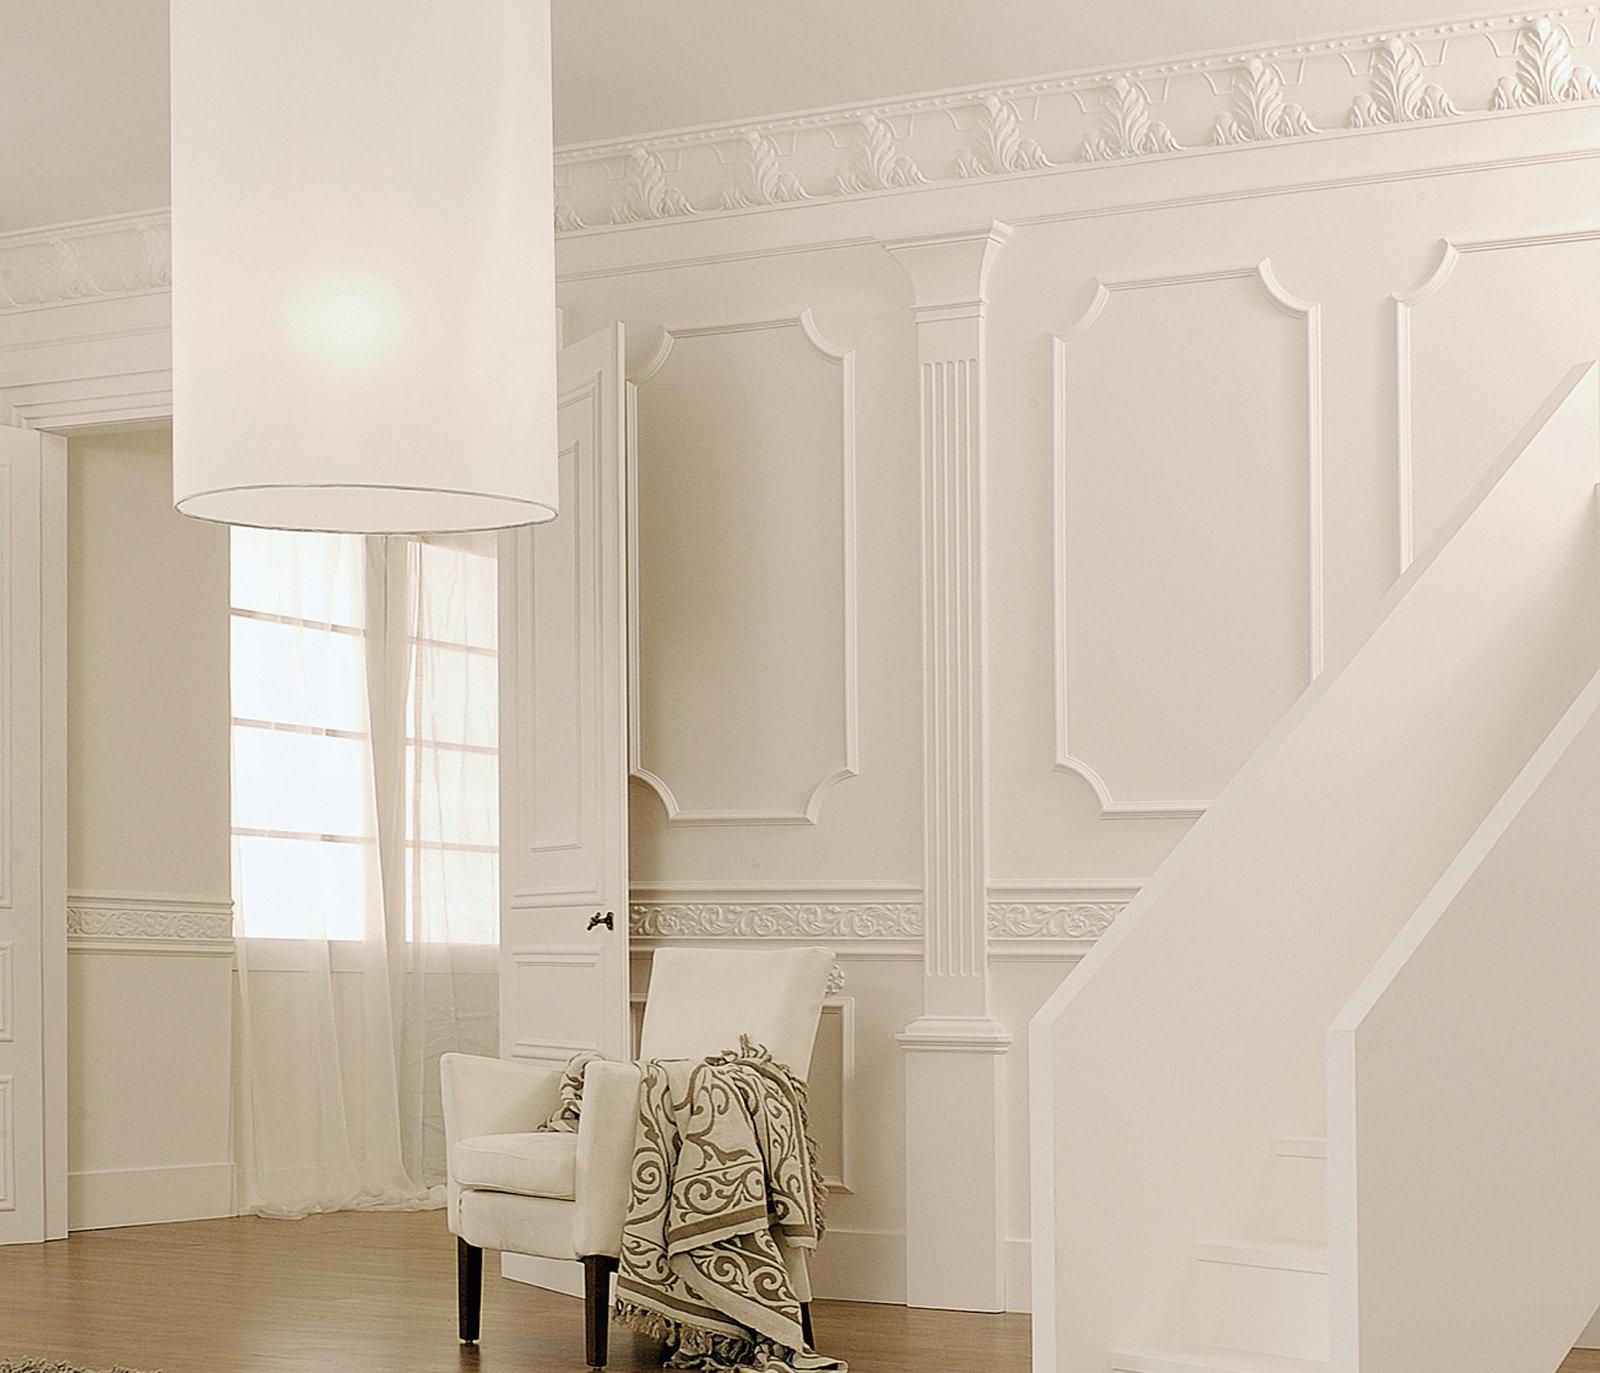 Decorare la parete con profili fregi stickers cose di casa for Cornice adesiva per pareti